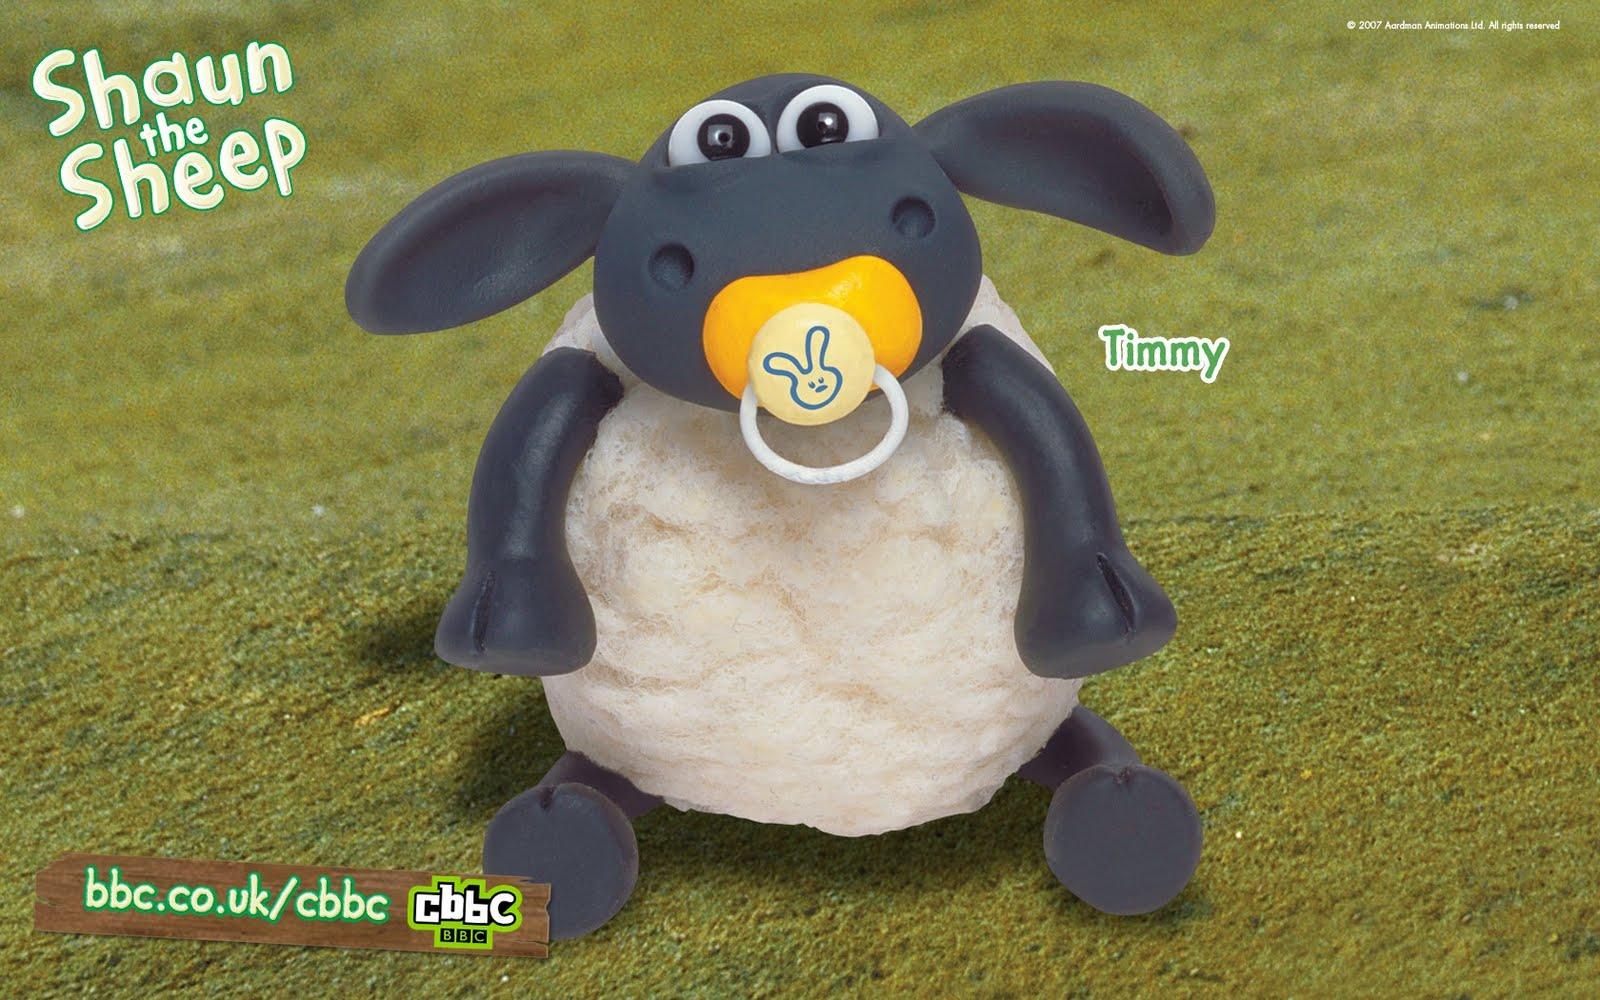 shaun_the_sheep_wallpaper-timmy.jpg Putrakamtiz blogs